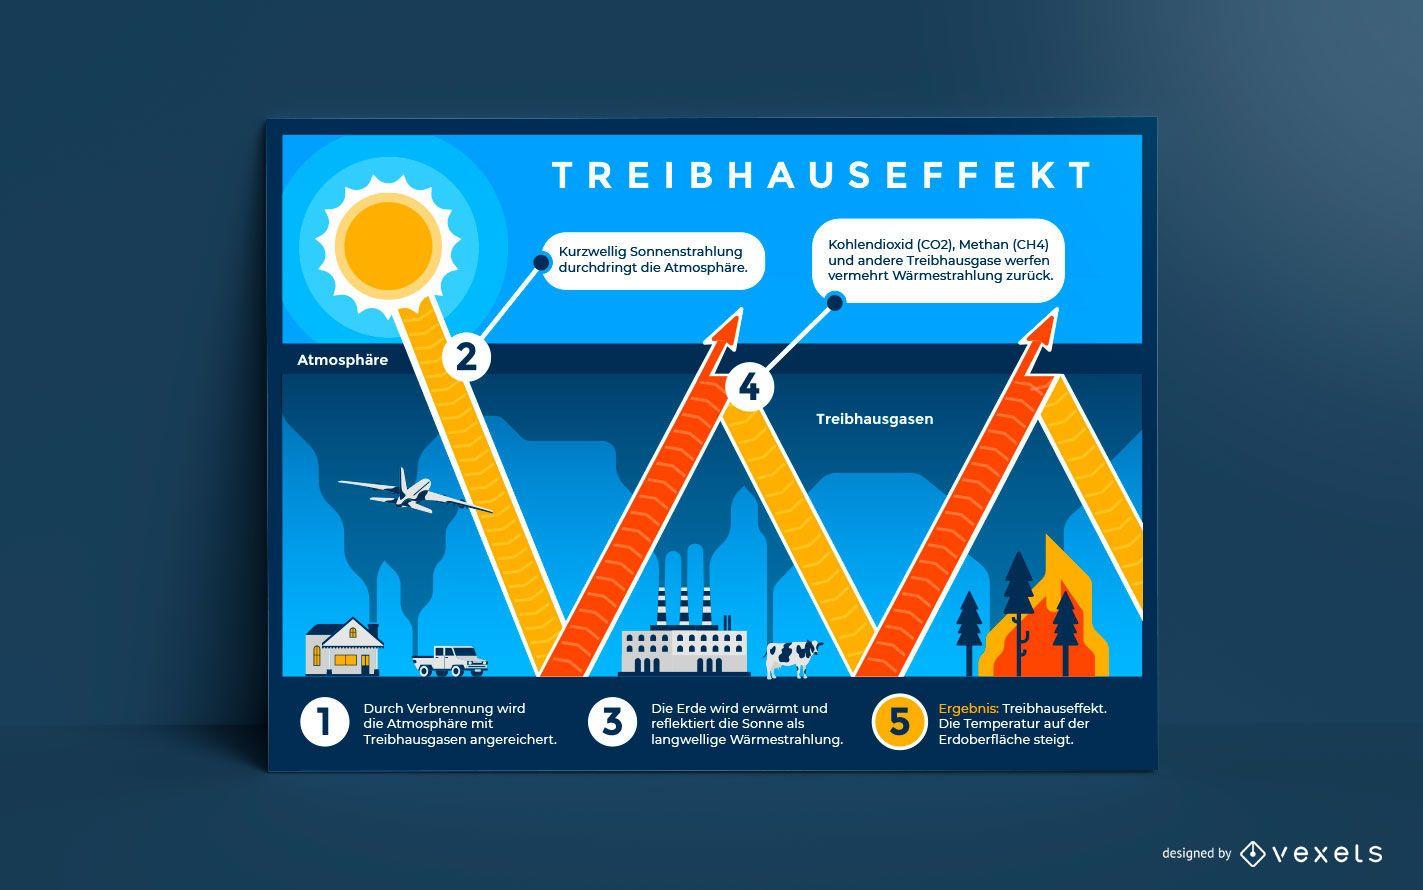 Diseño de cartel alemán de efecto invernadero